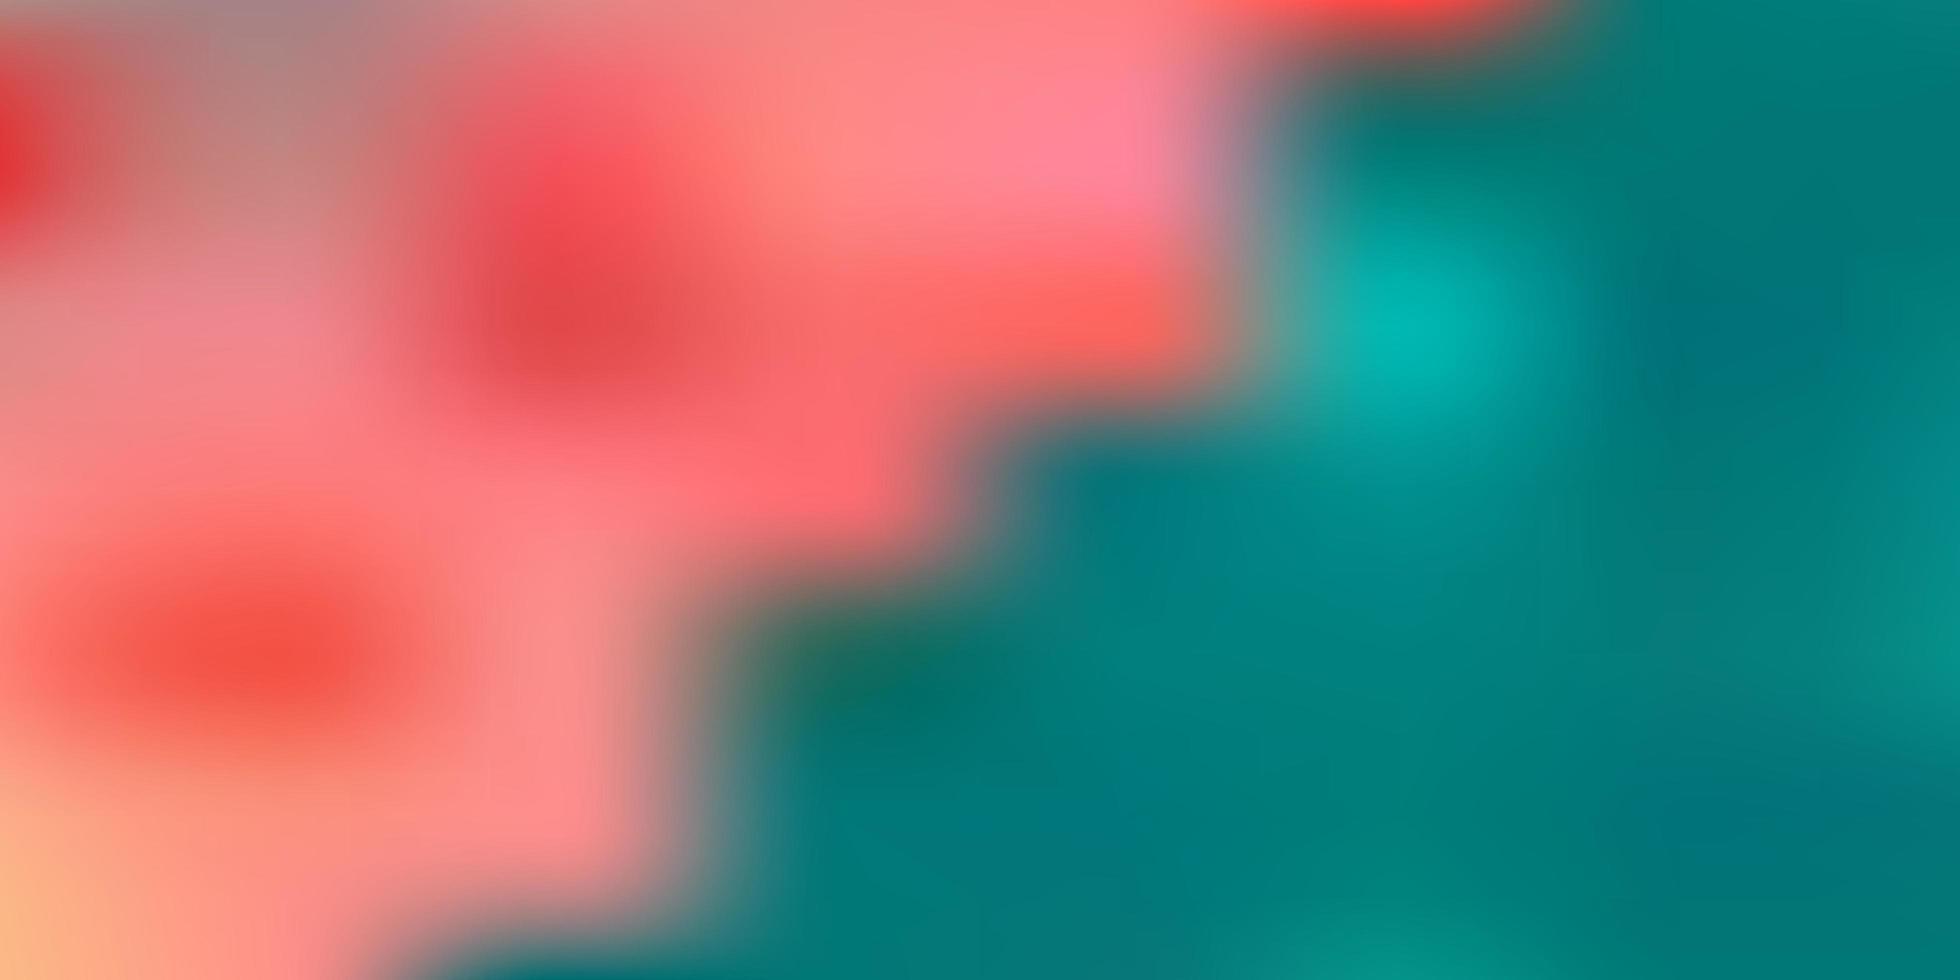 sfondo sfocato verde chiaro, rosso. vettore